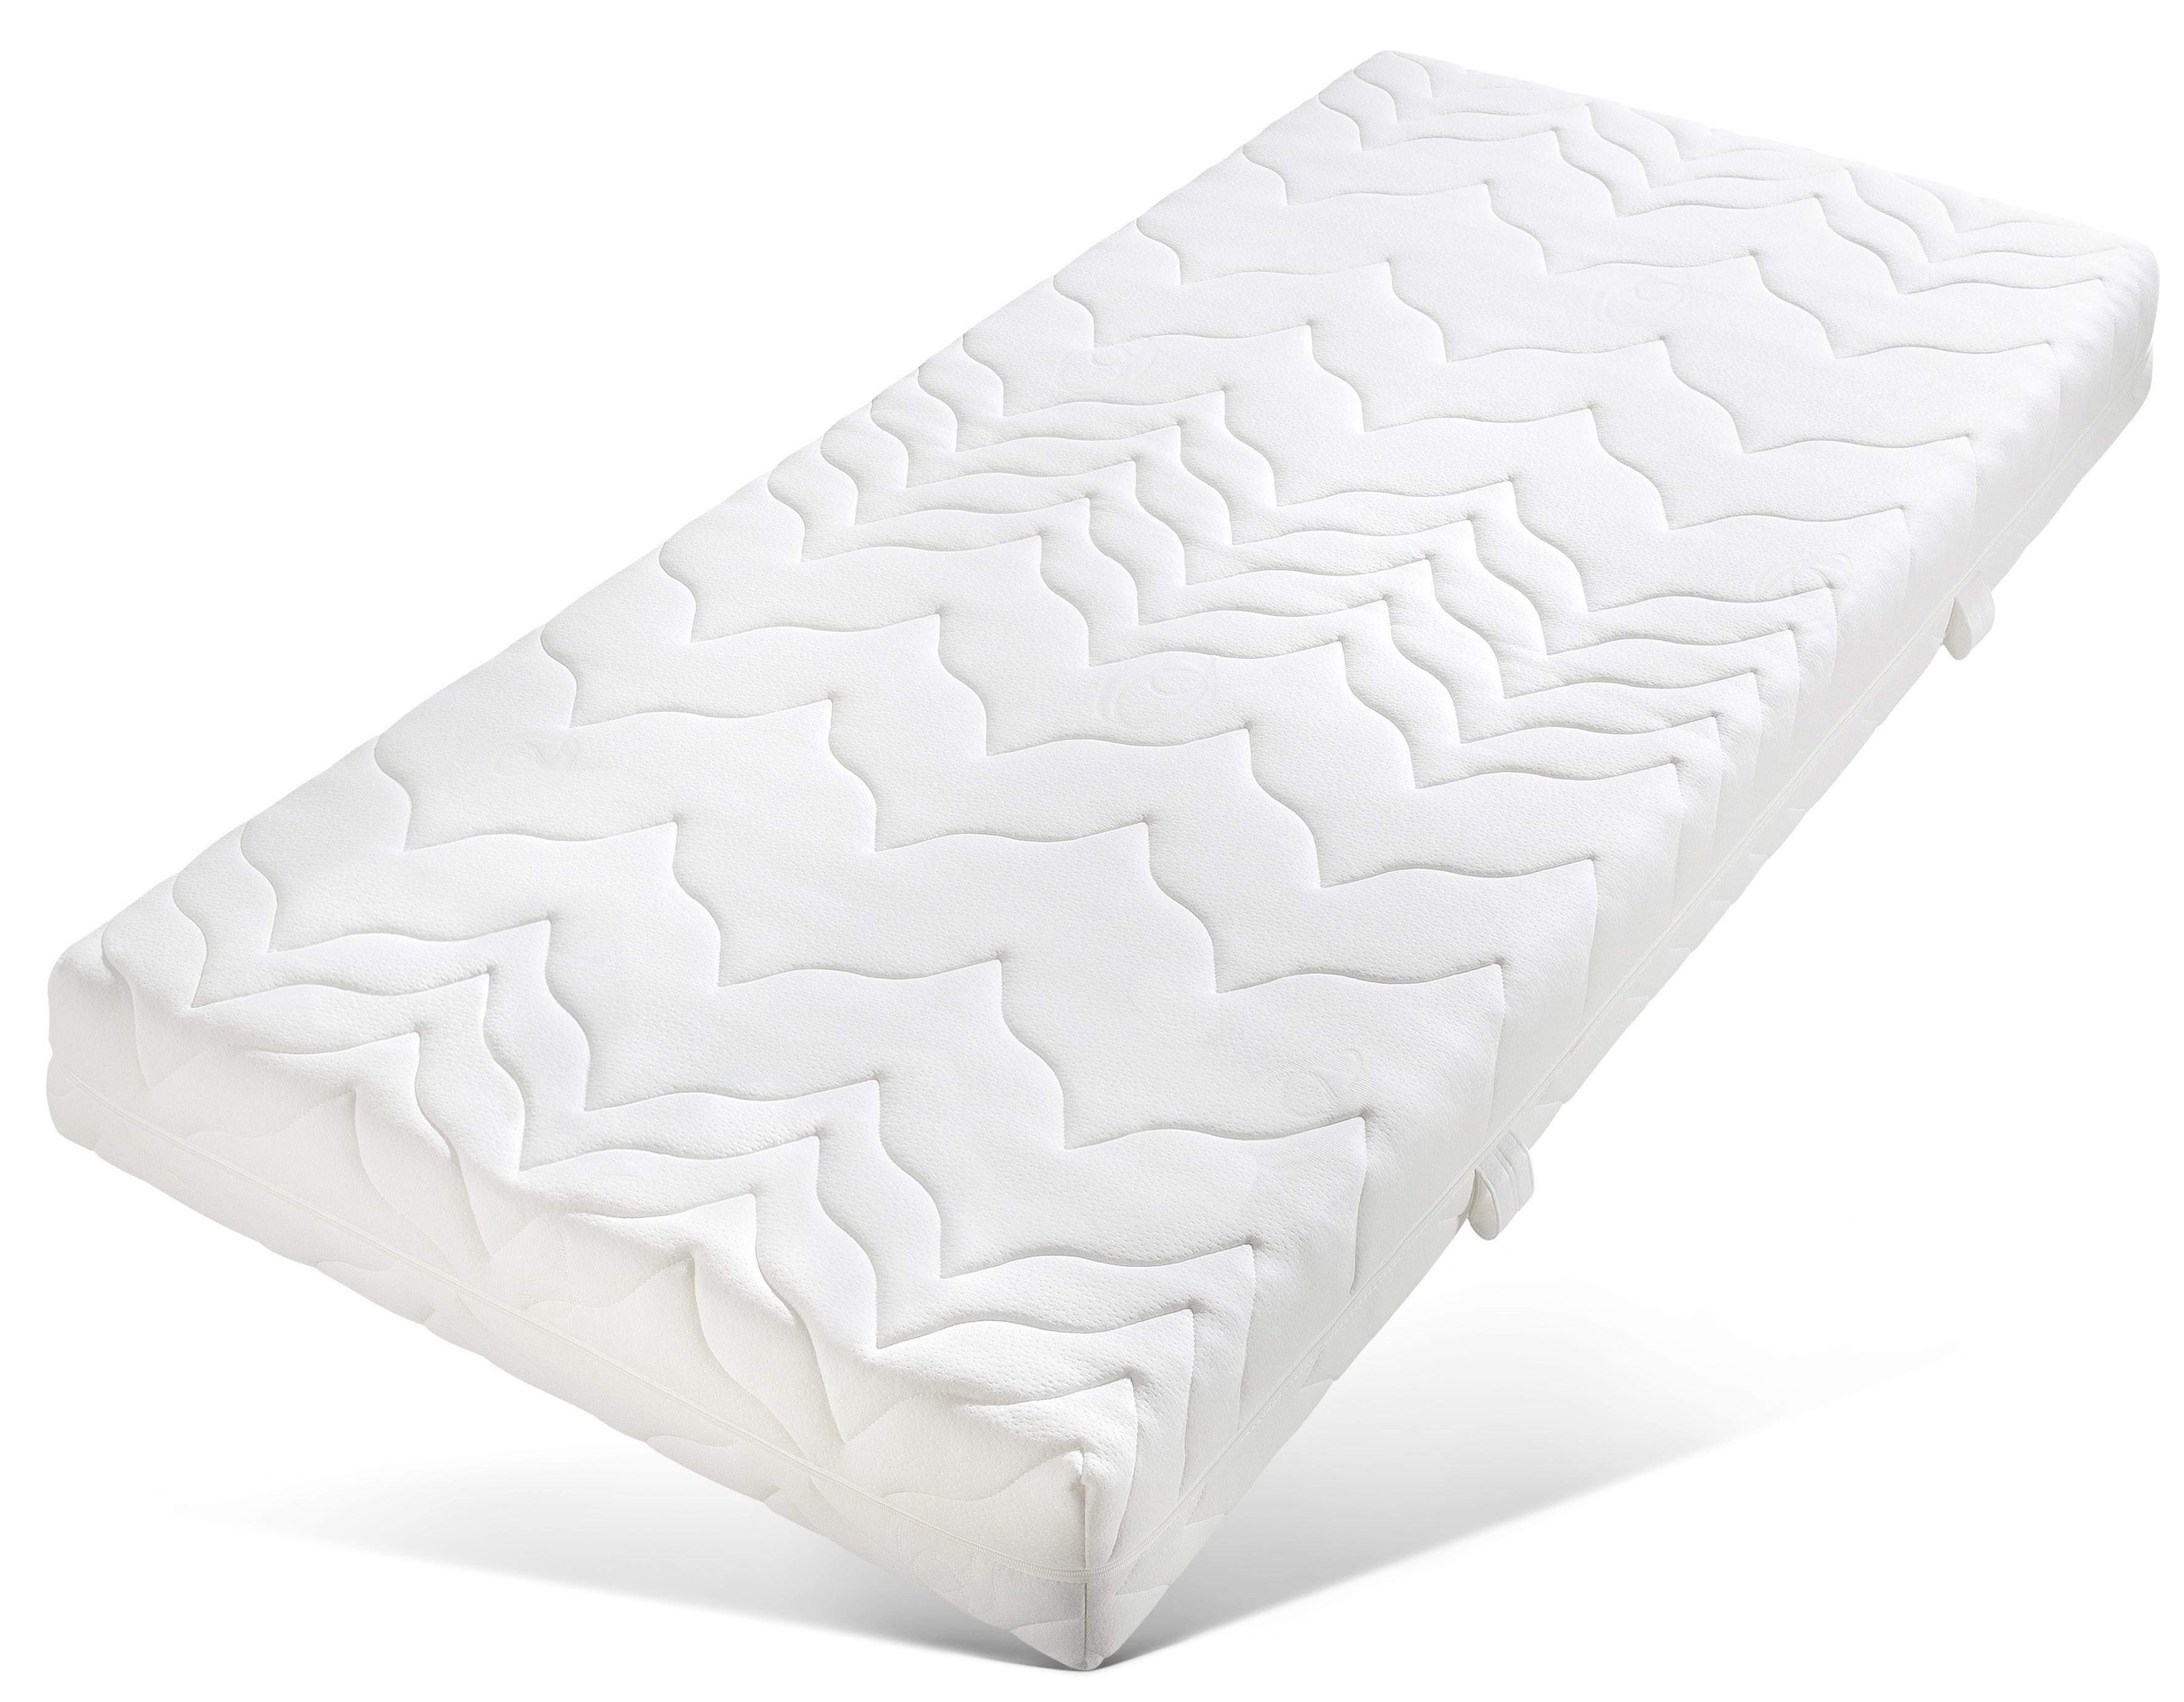 Komfortschaummatratze »Lux«, Beco, 20 cm hoch, Raumgewicht: 30, (1-tlg), TÜV-Testurteil ´´GUT´´, top in Preis-Leistung | Schlafzimmer > Matratzen > Kaltschaum-matratzen | Beco